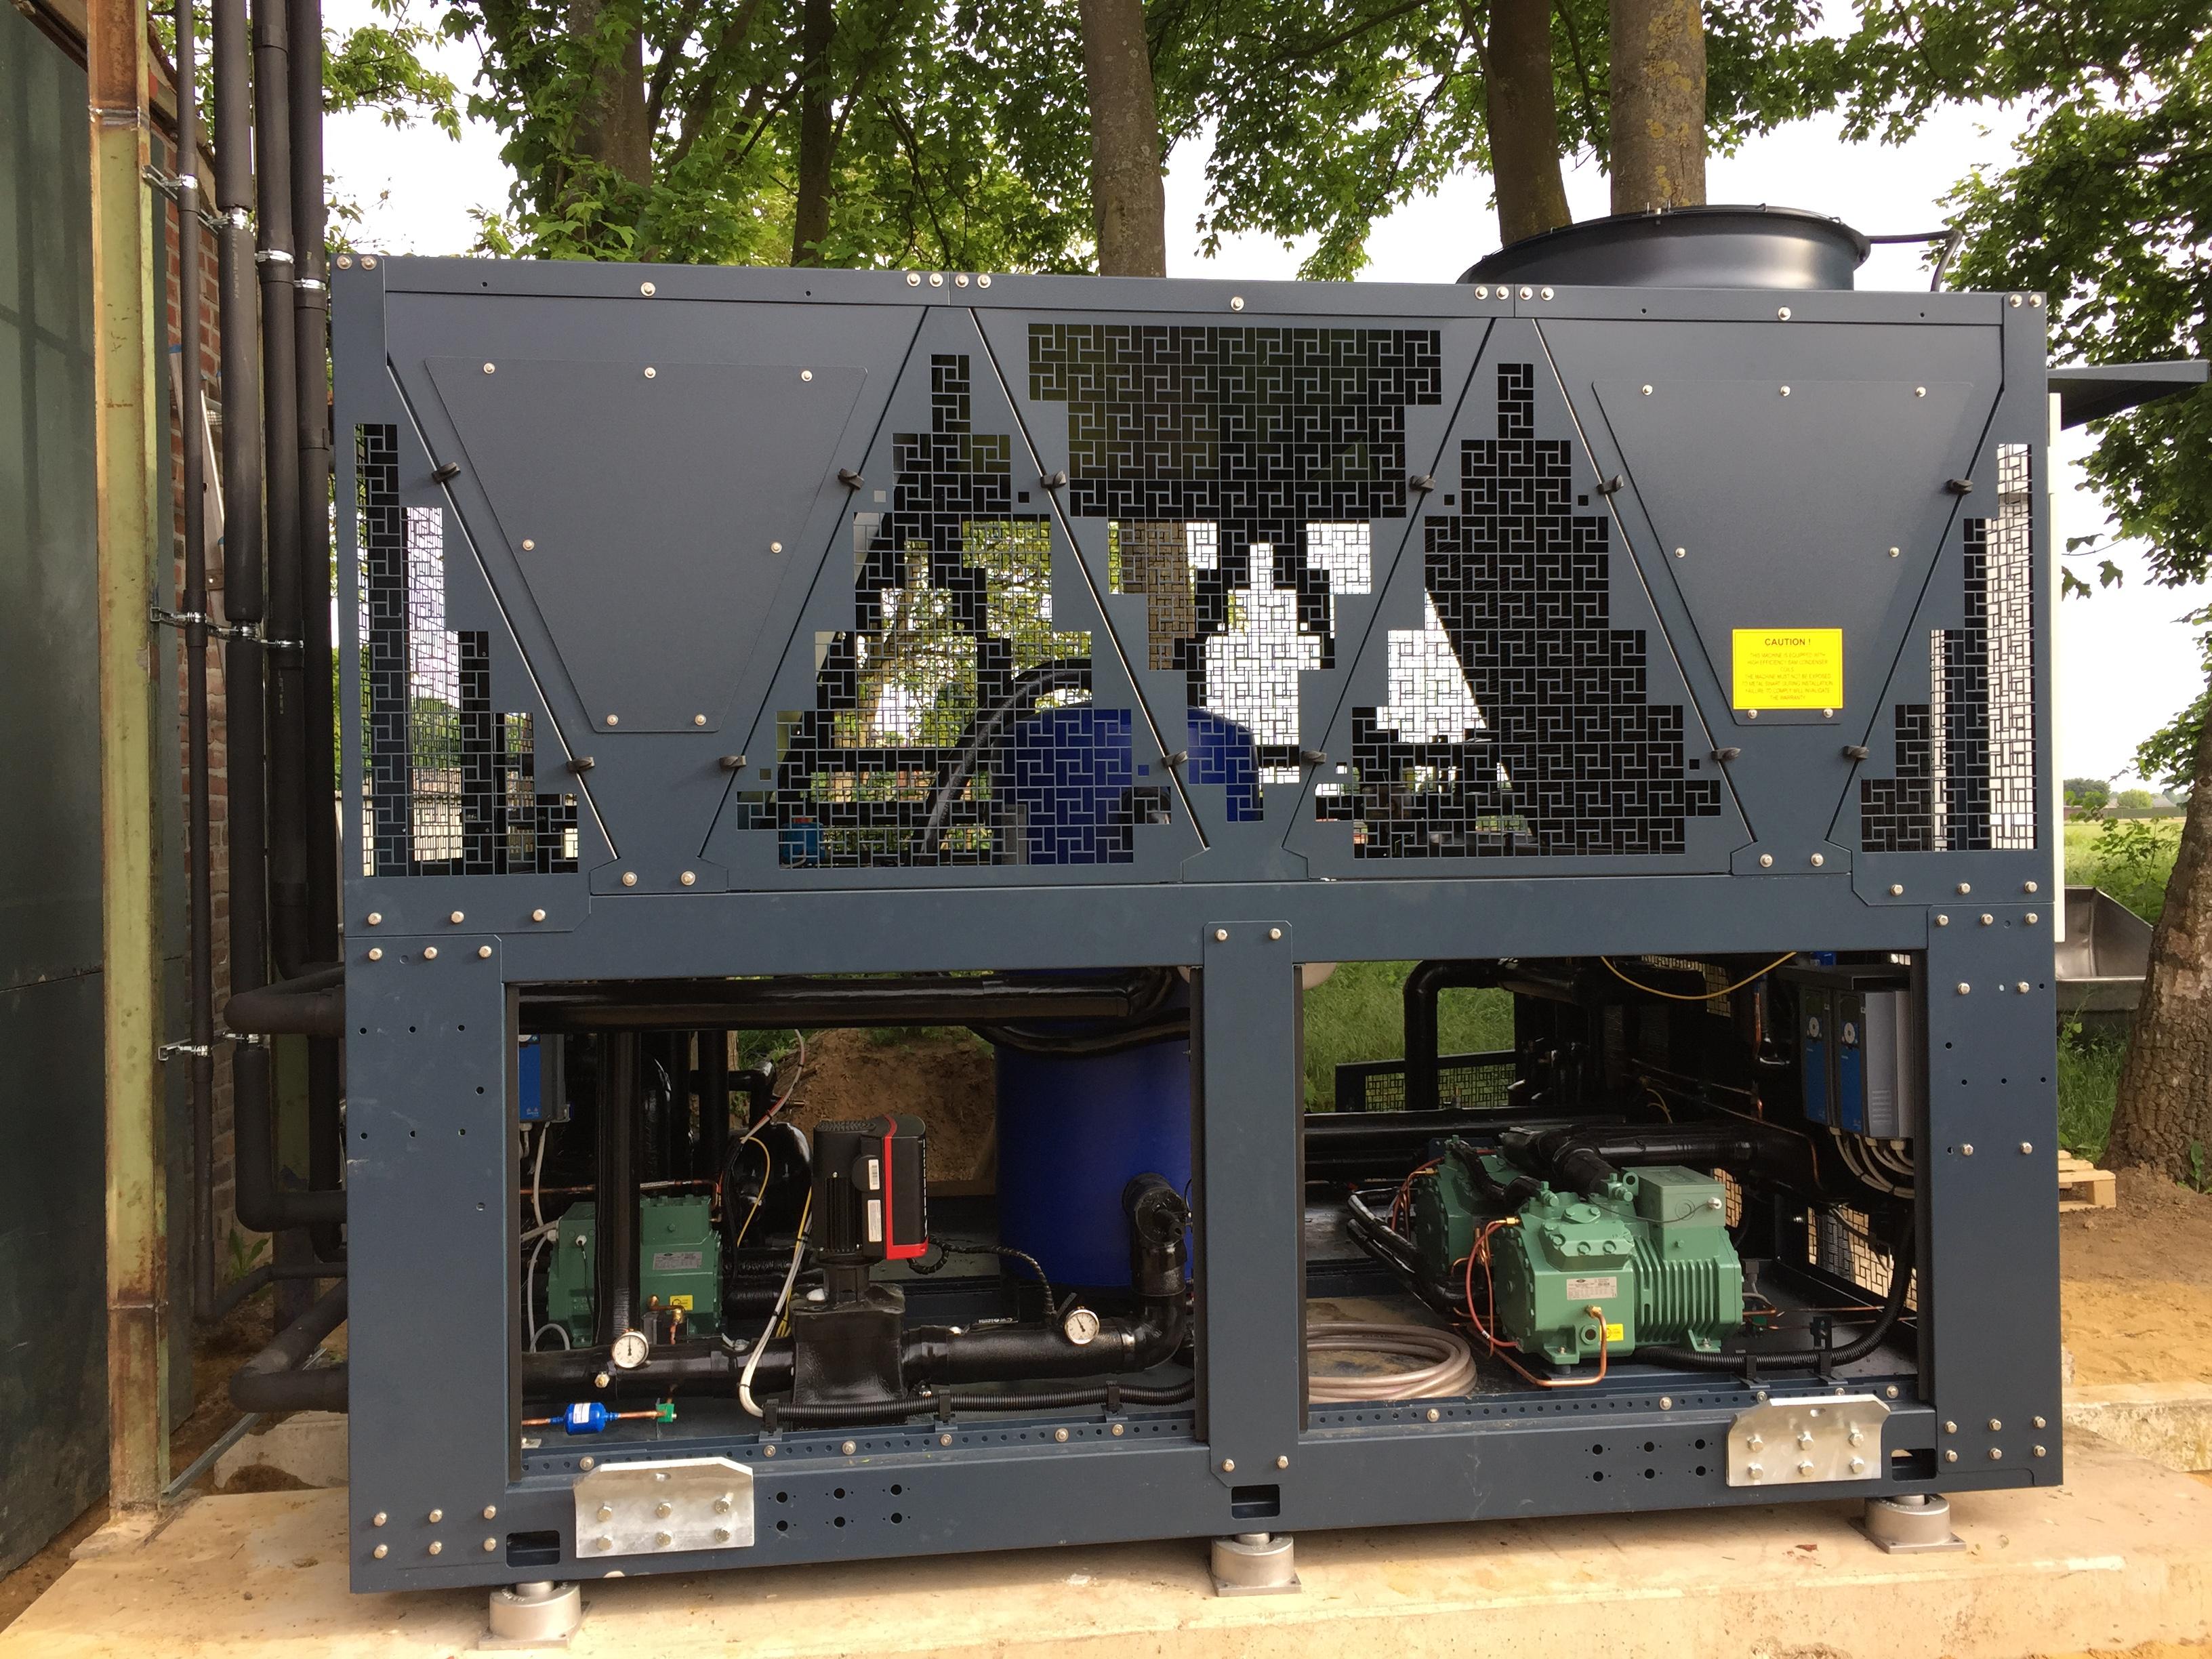 R 290 Kaltsoleerzeuger mit CO2 Tiefkühlstufe komplett Leistungsgeregelt mit Wärmerückgewinnung